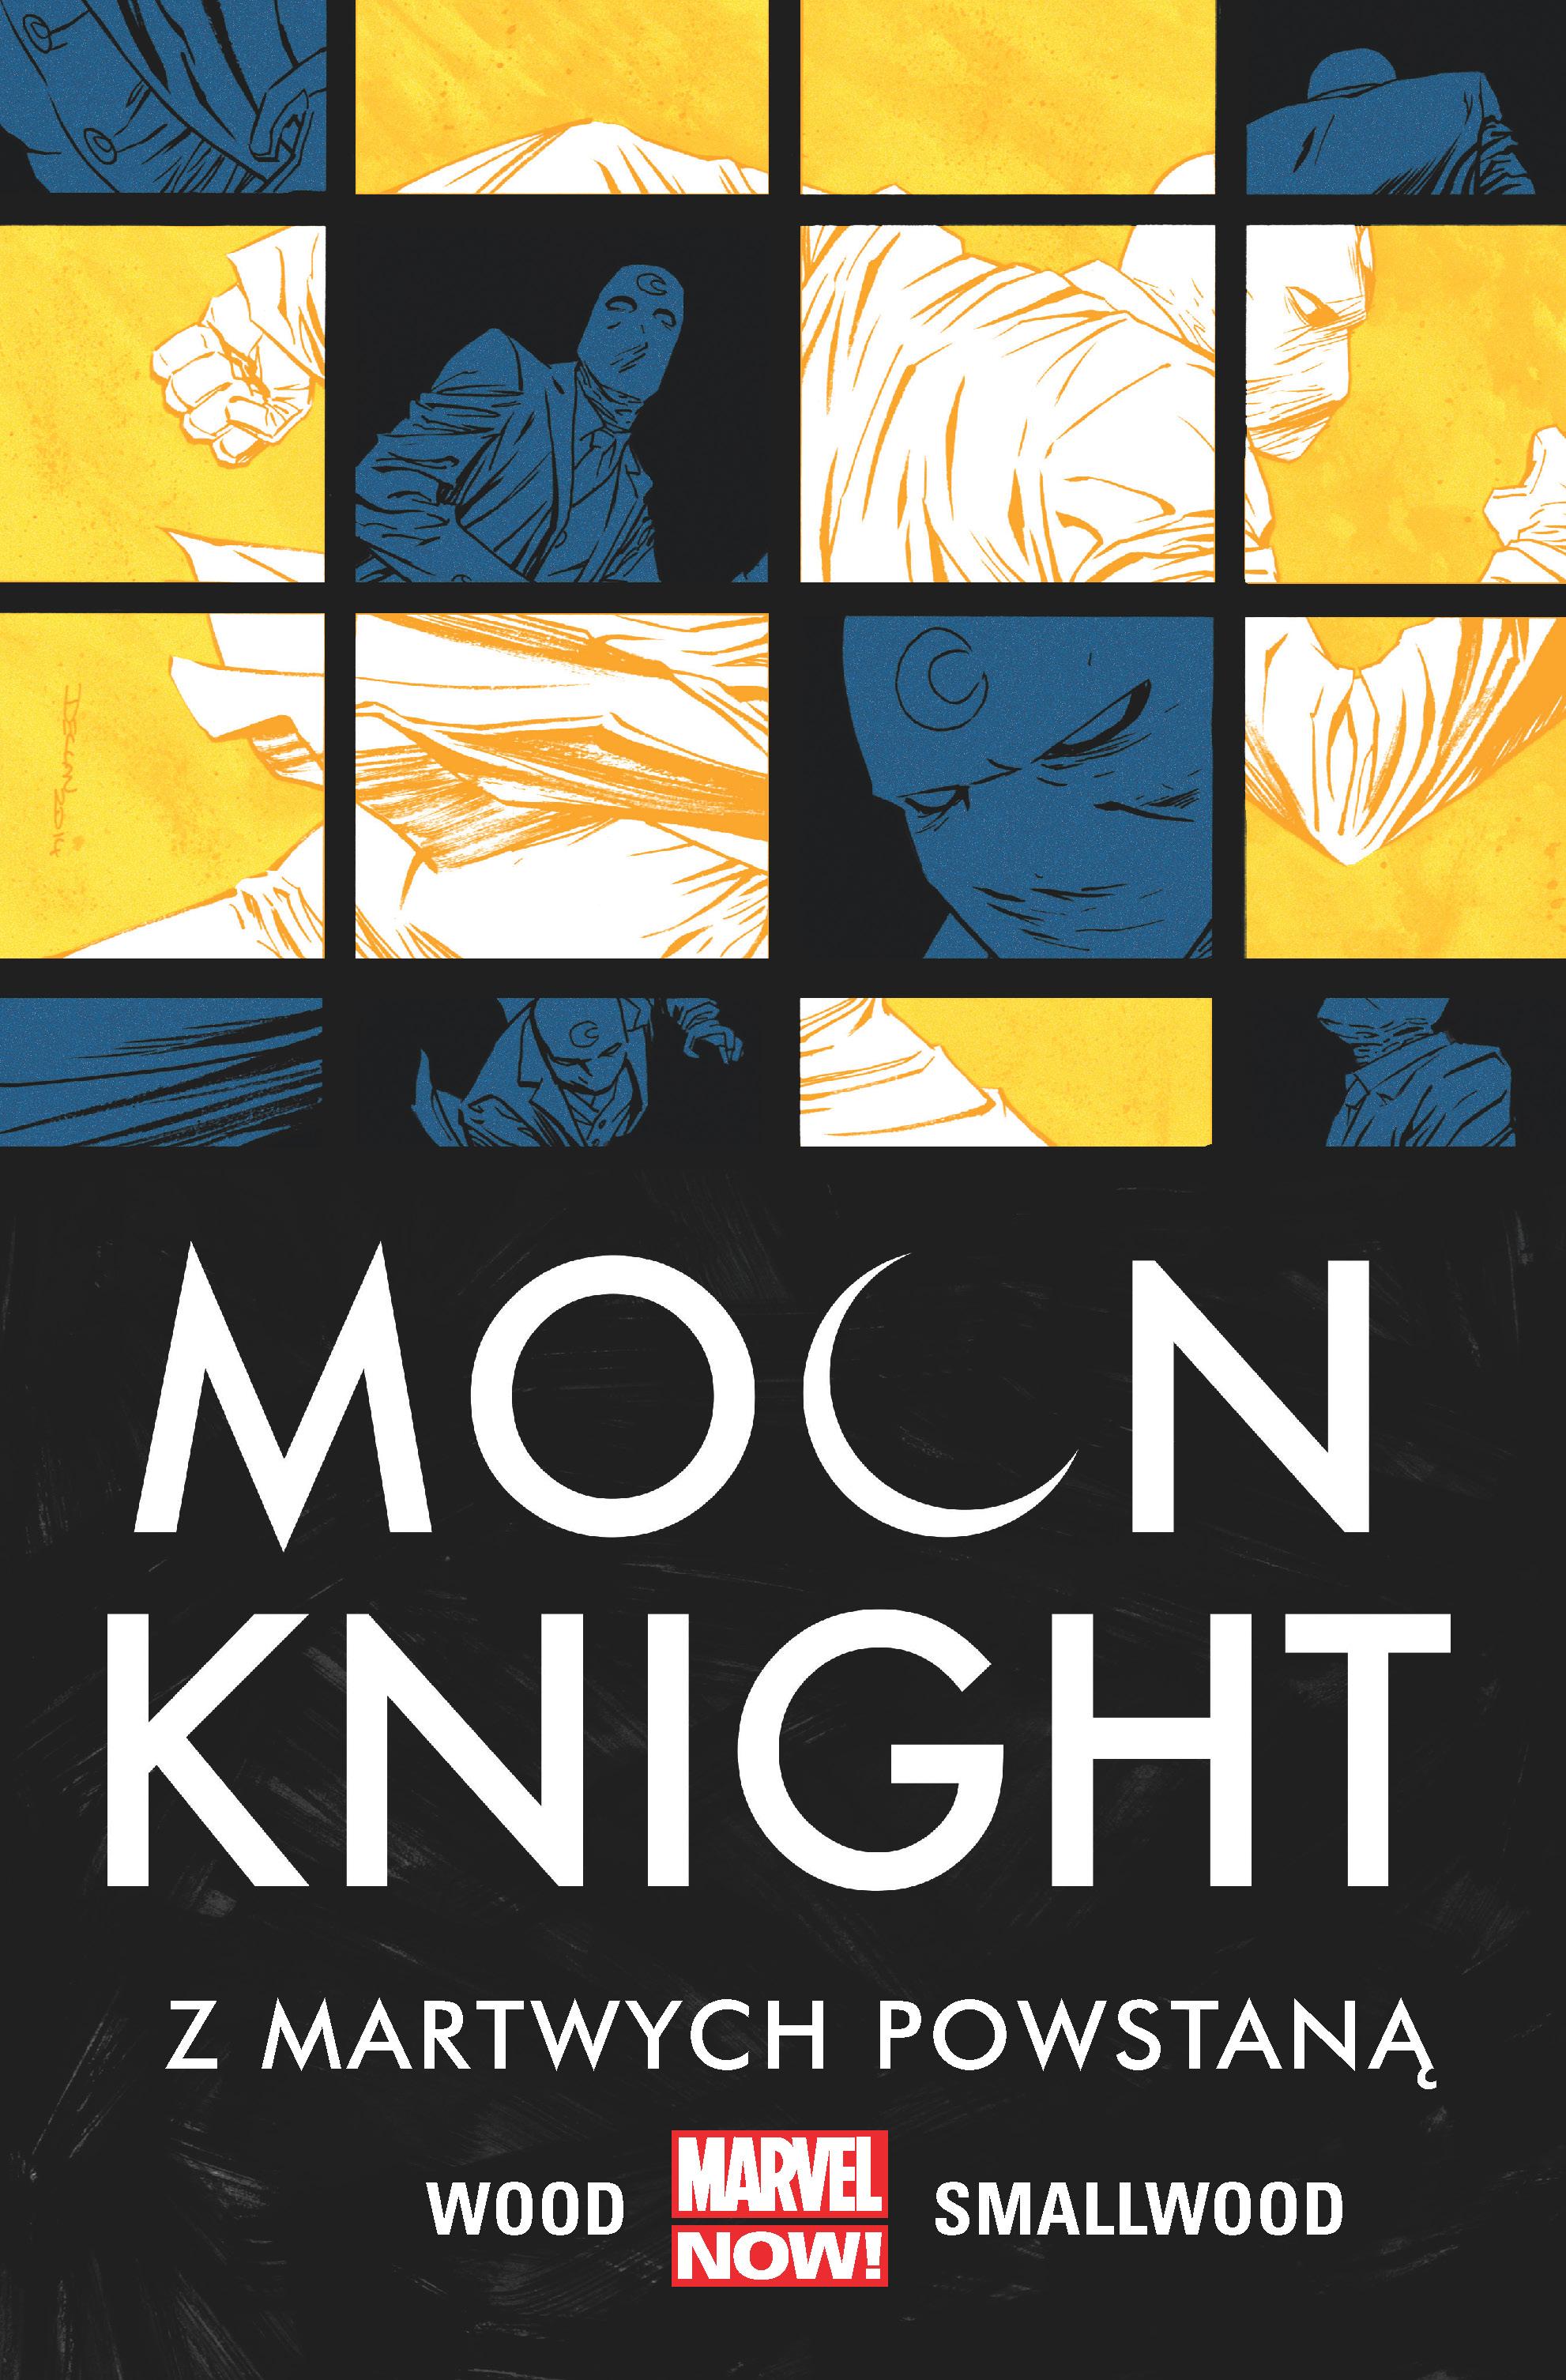 Z martwych powstaną moon knight Tom 2